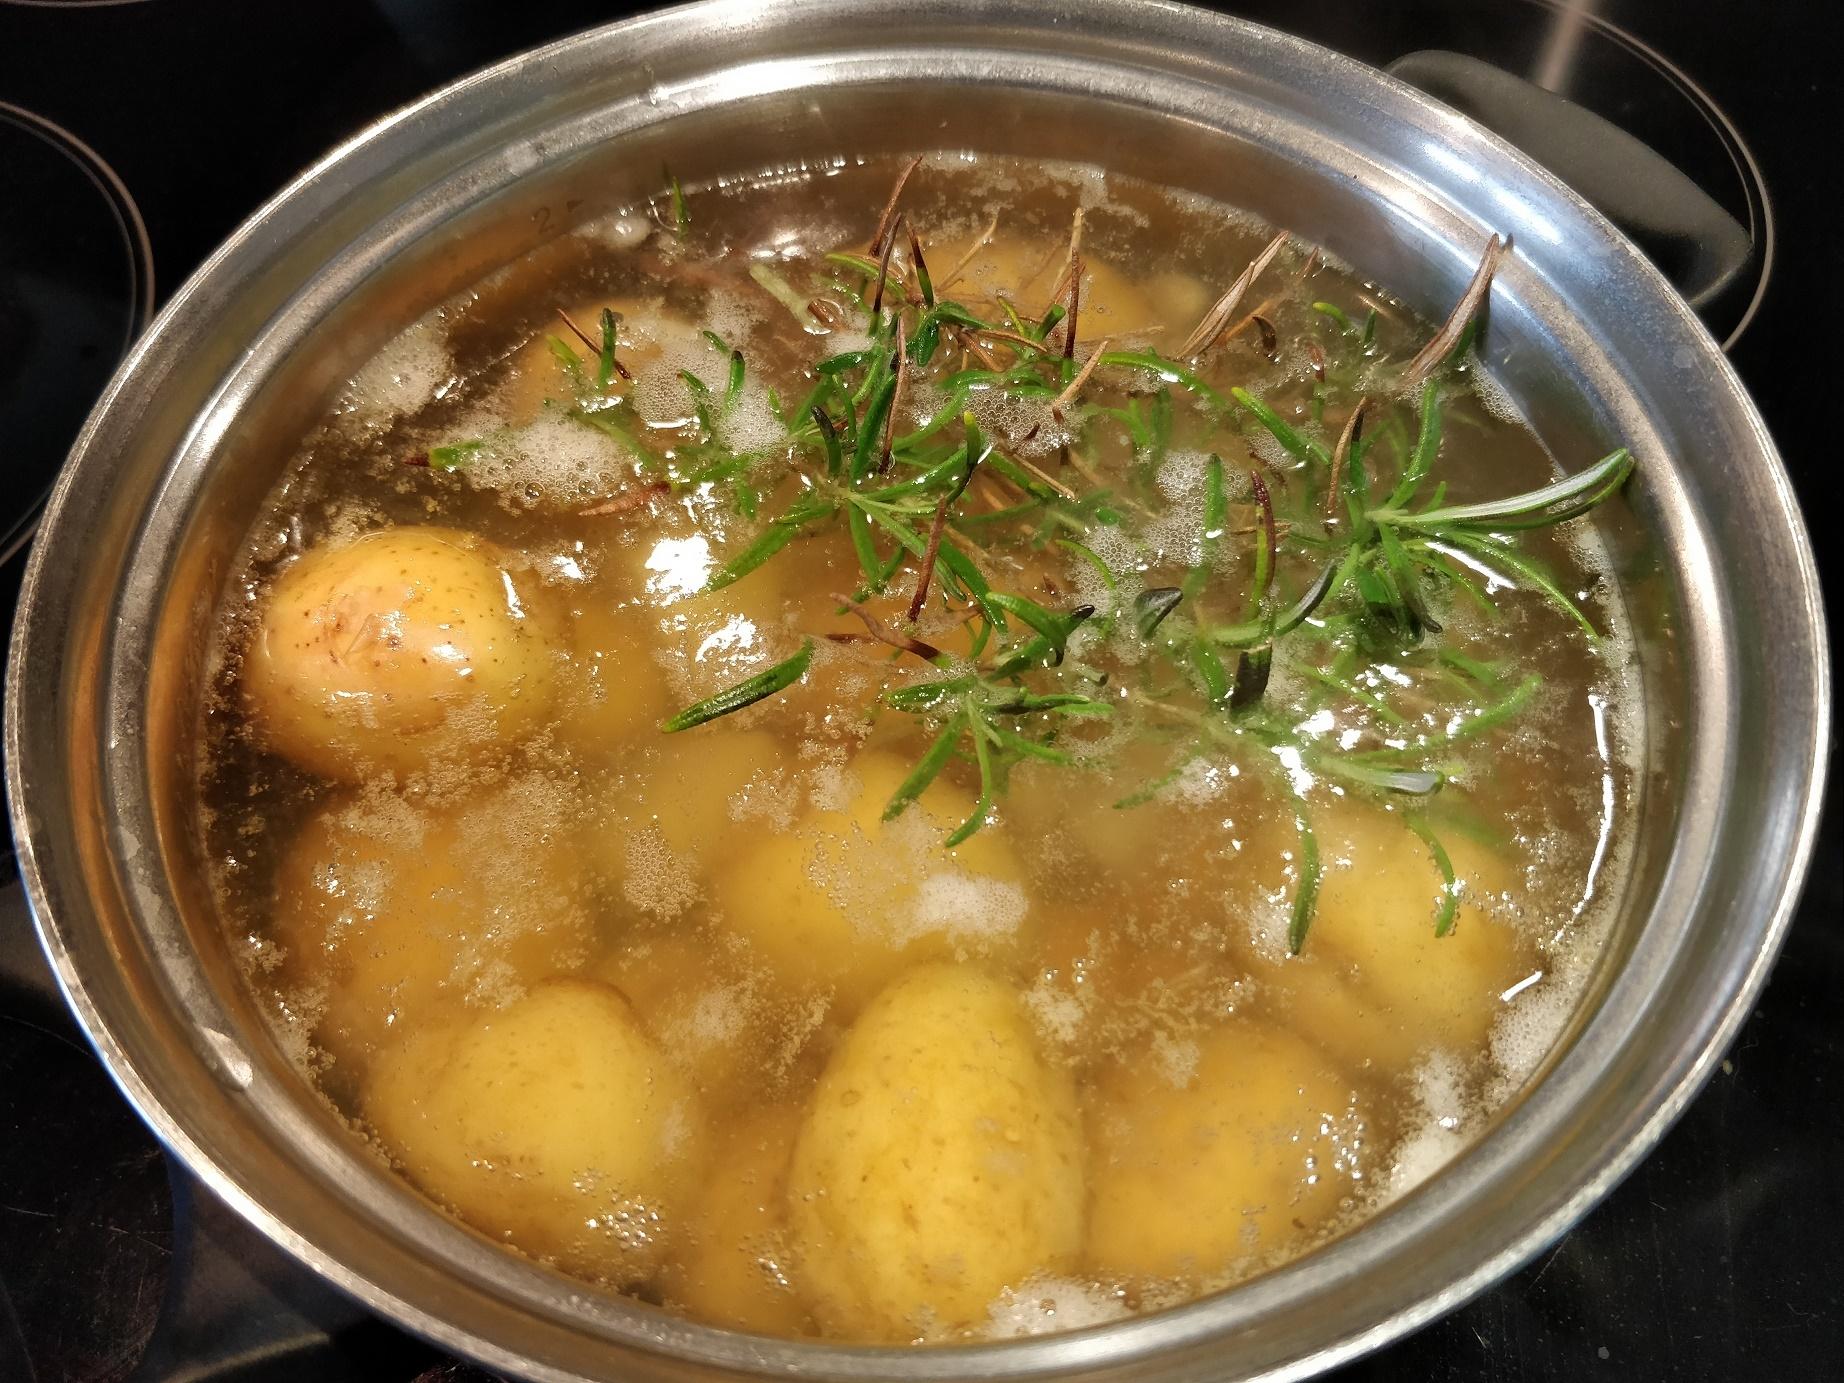 Kartofler til kartoffelsalat kan koget med eksempelvis rosmarin